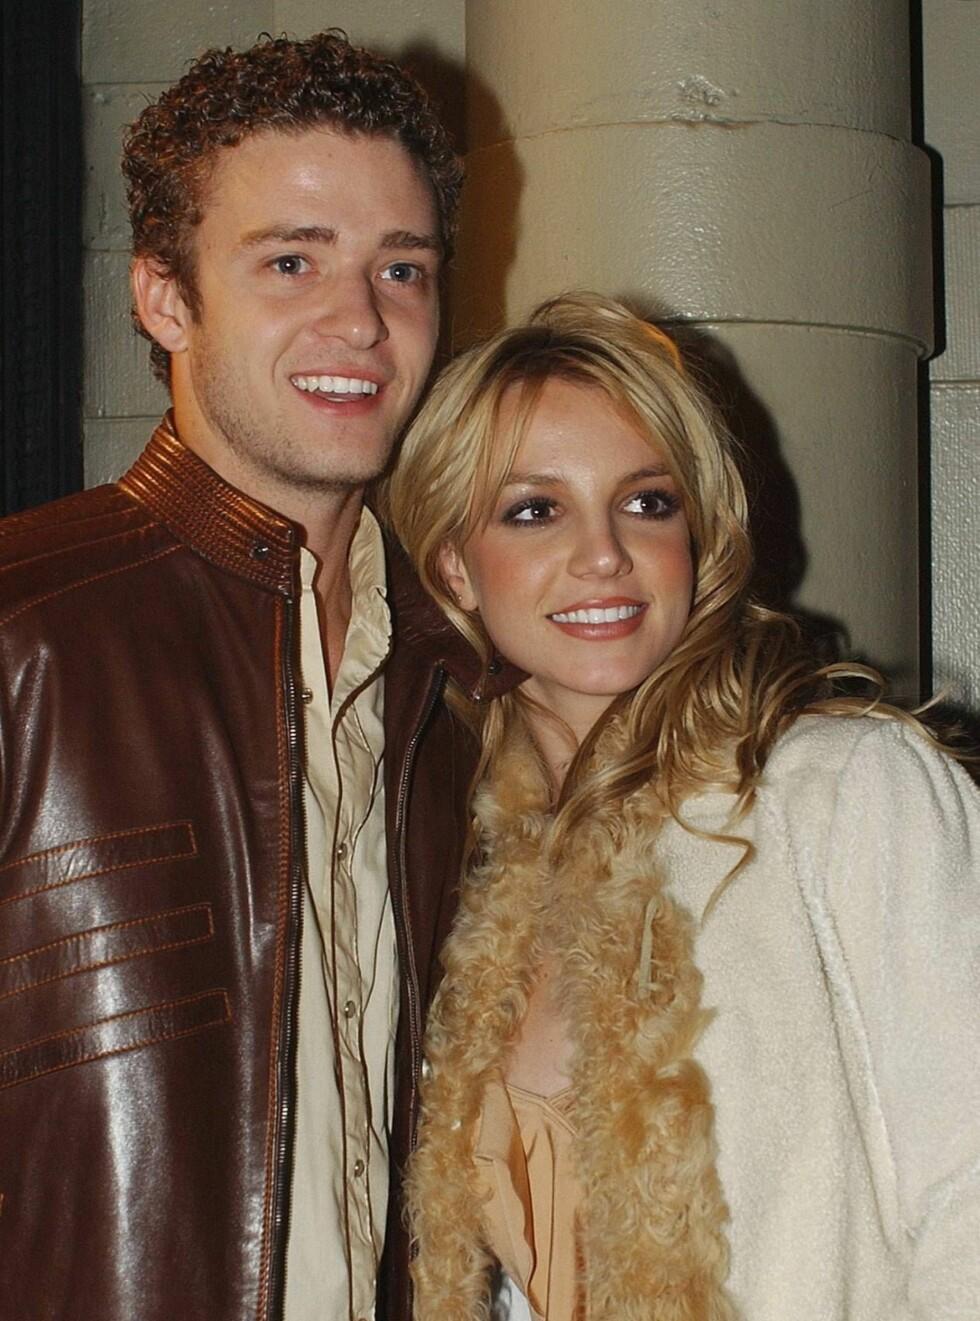 SAMMEN: Britney og Justin var lenge et av verdens heteste par. De har kjent hverandre siden de var barn! Foto: AP/Scanpix